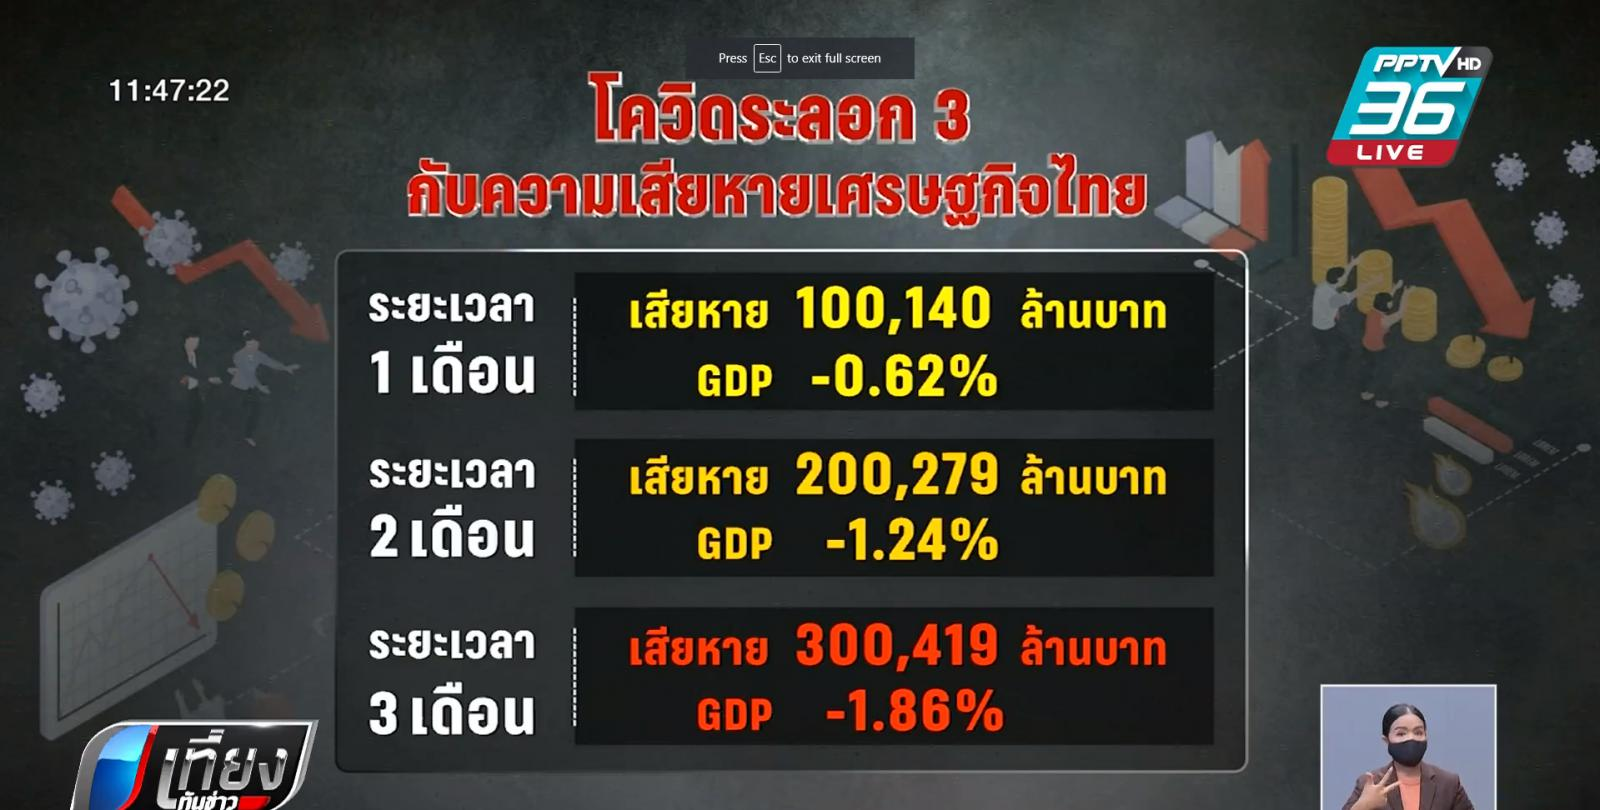 ทางรอดเศรษฐกิจไทย จากโควิด-19 ระลอก 3